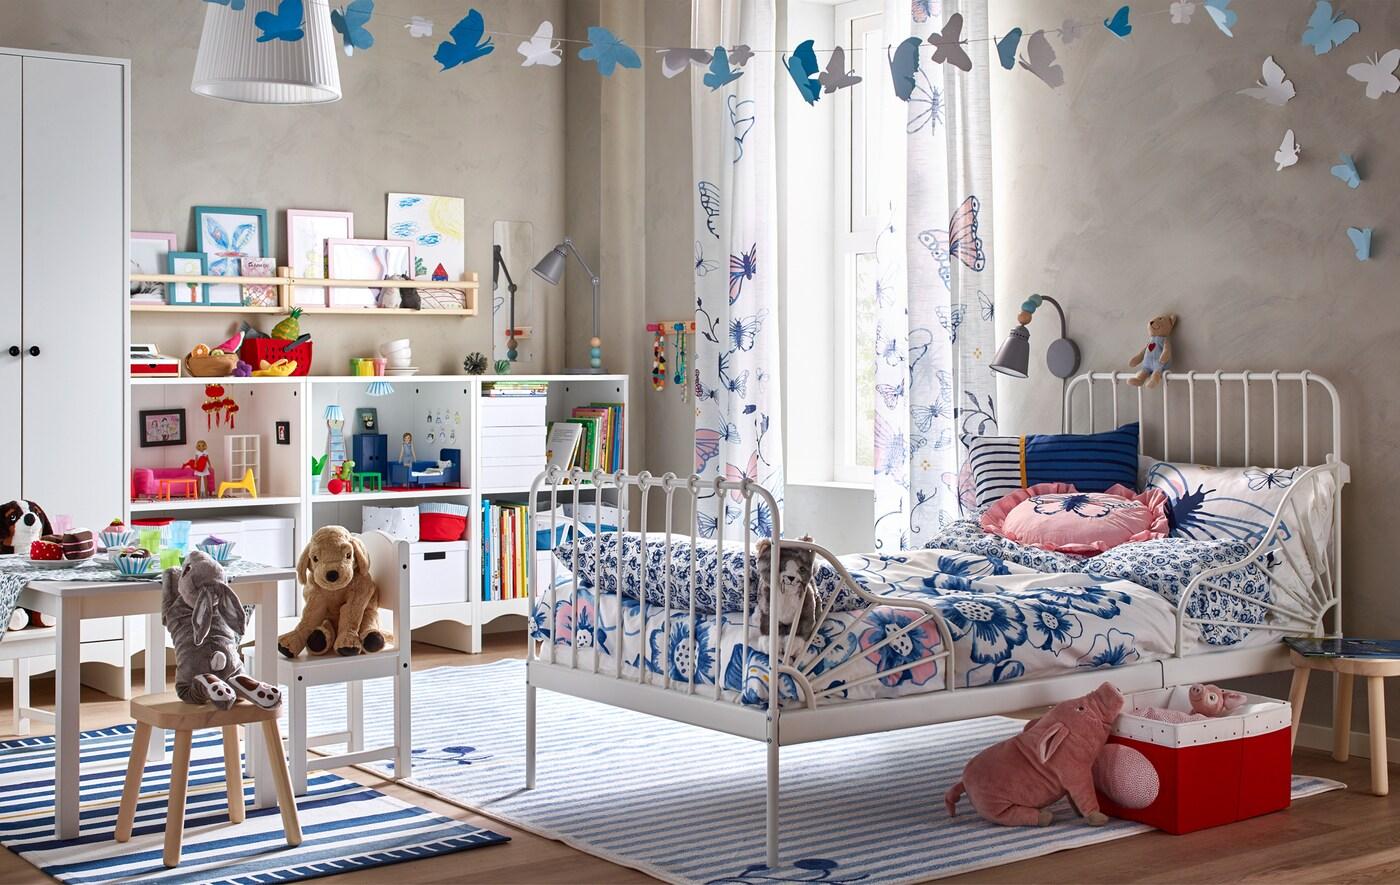 Детская спальня с кроватью белого цвета с цветочным орнаментом, мини-столиком и стульями, а также модулем для хранения, заполненным книгами, коробками и игрушками.